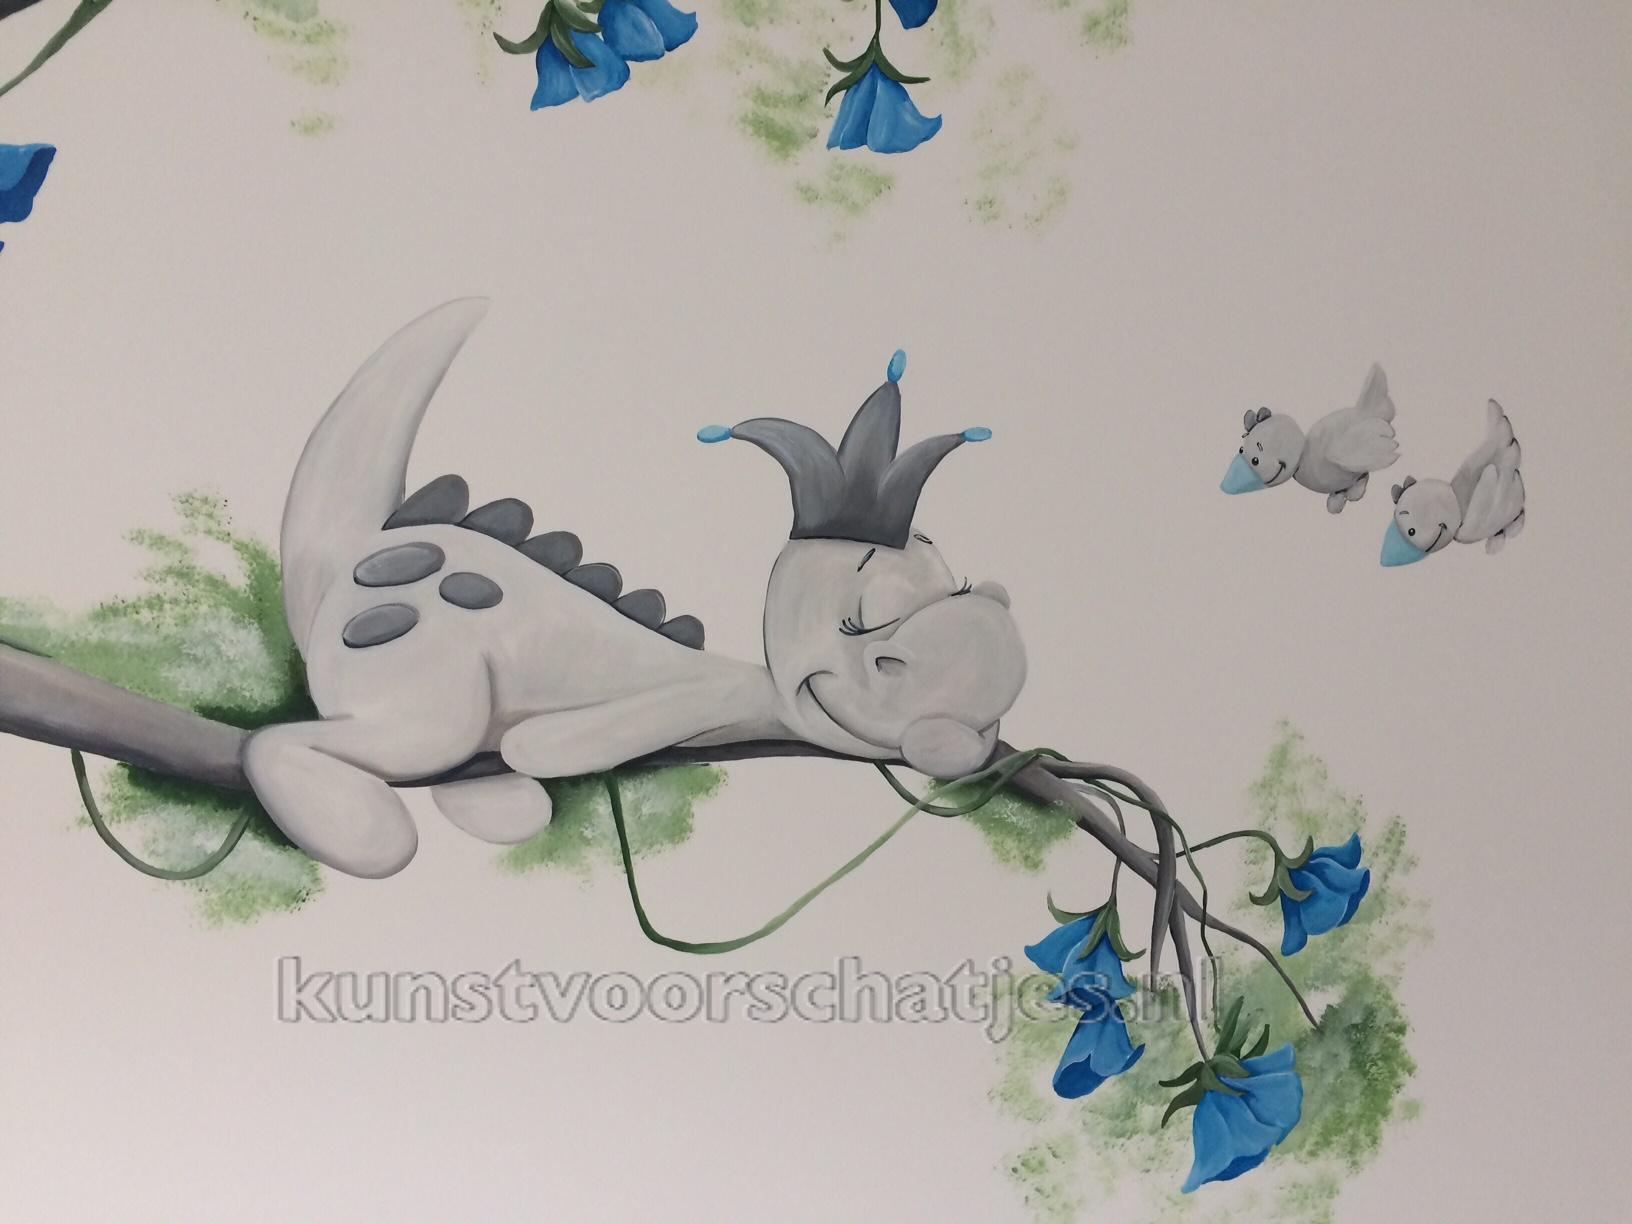 Dirk het draakje boom blauw closeup